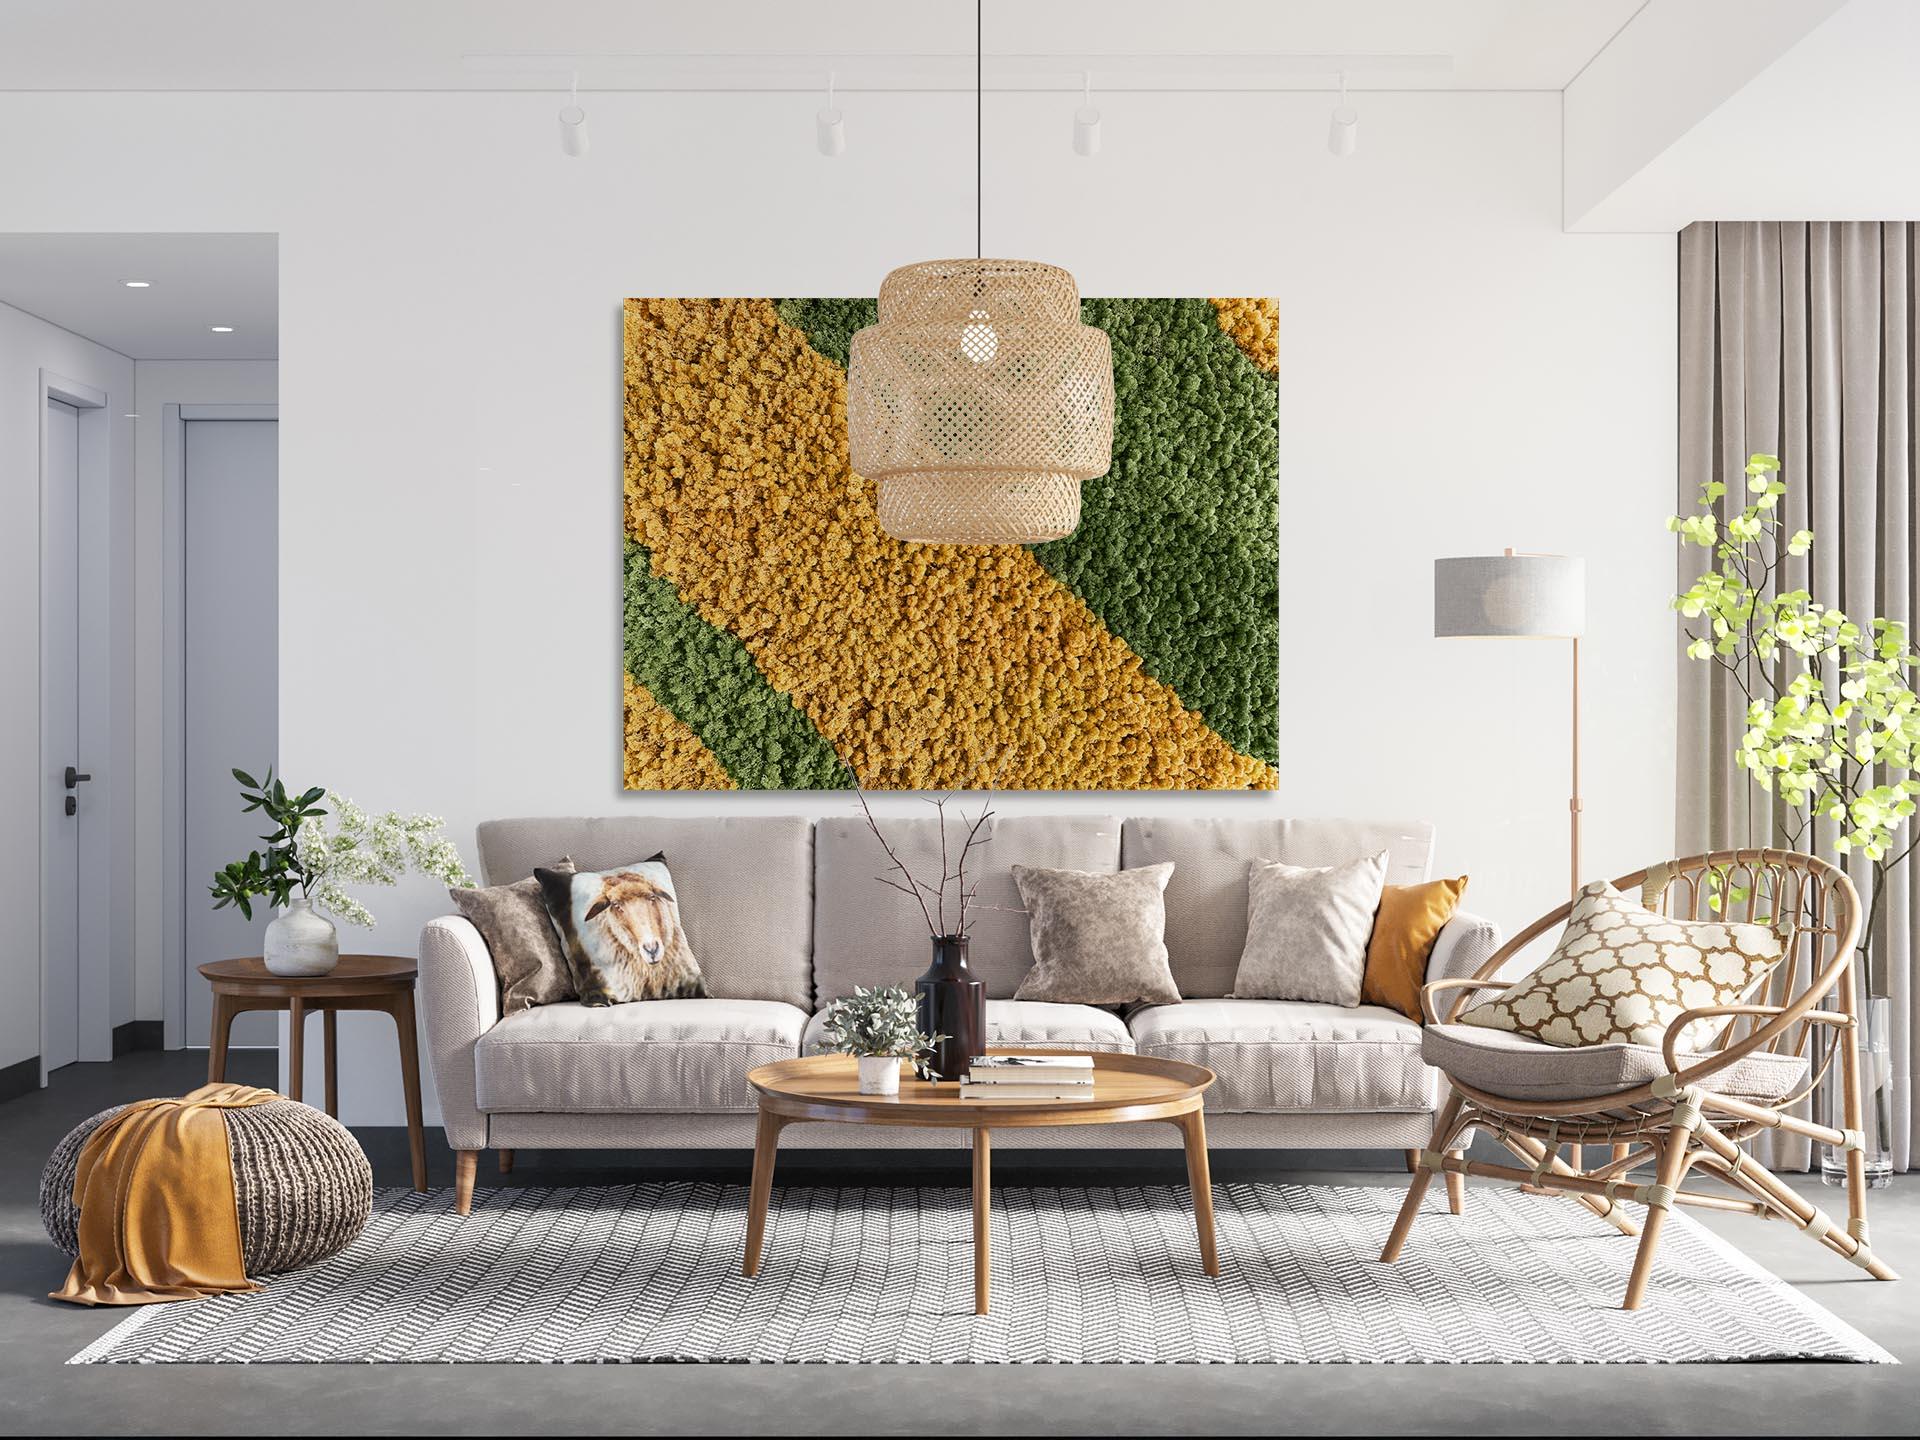 Alpenmoos - deine bunten und individuellen Moosbilder mit Islandmoos, Polstermoos und Kunstpflanzen für deine Innenraumgestaltung